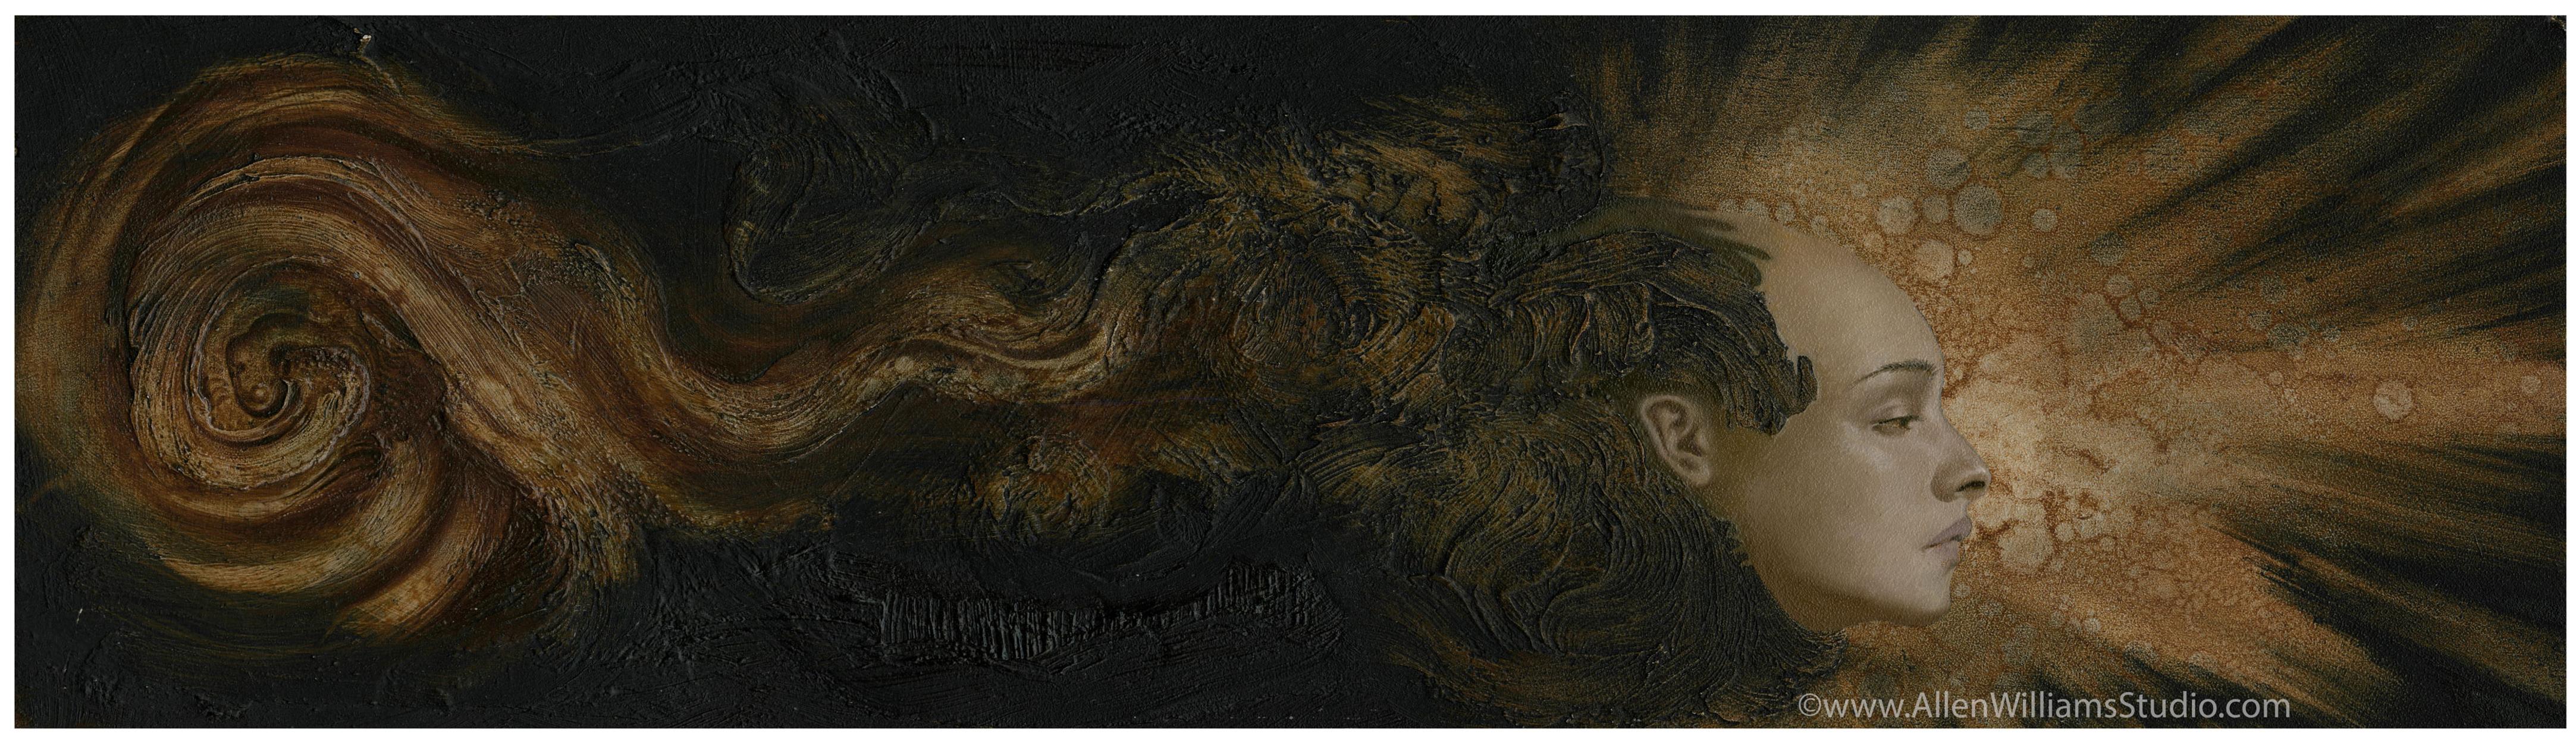 AmunRan Artwork by Allen Williams